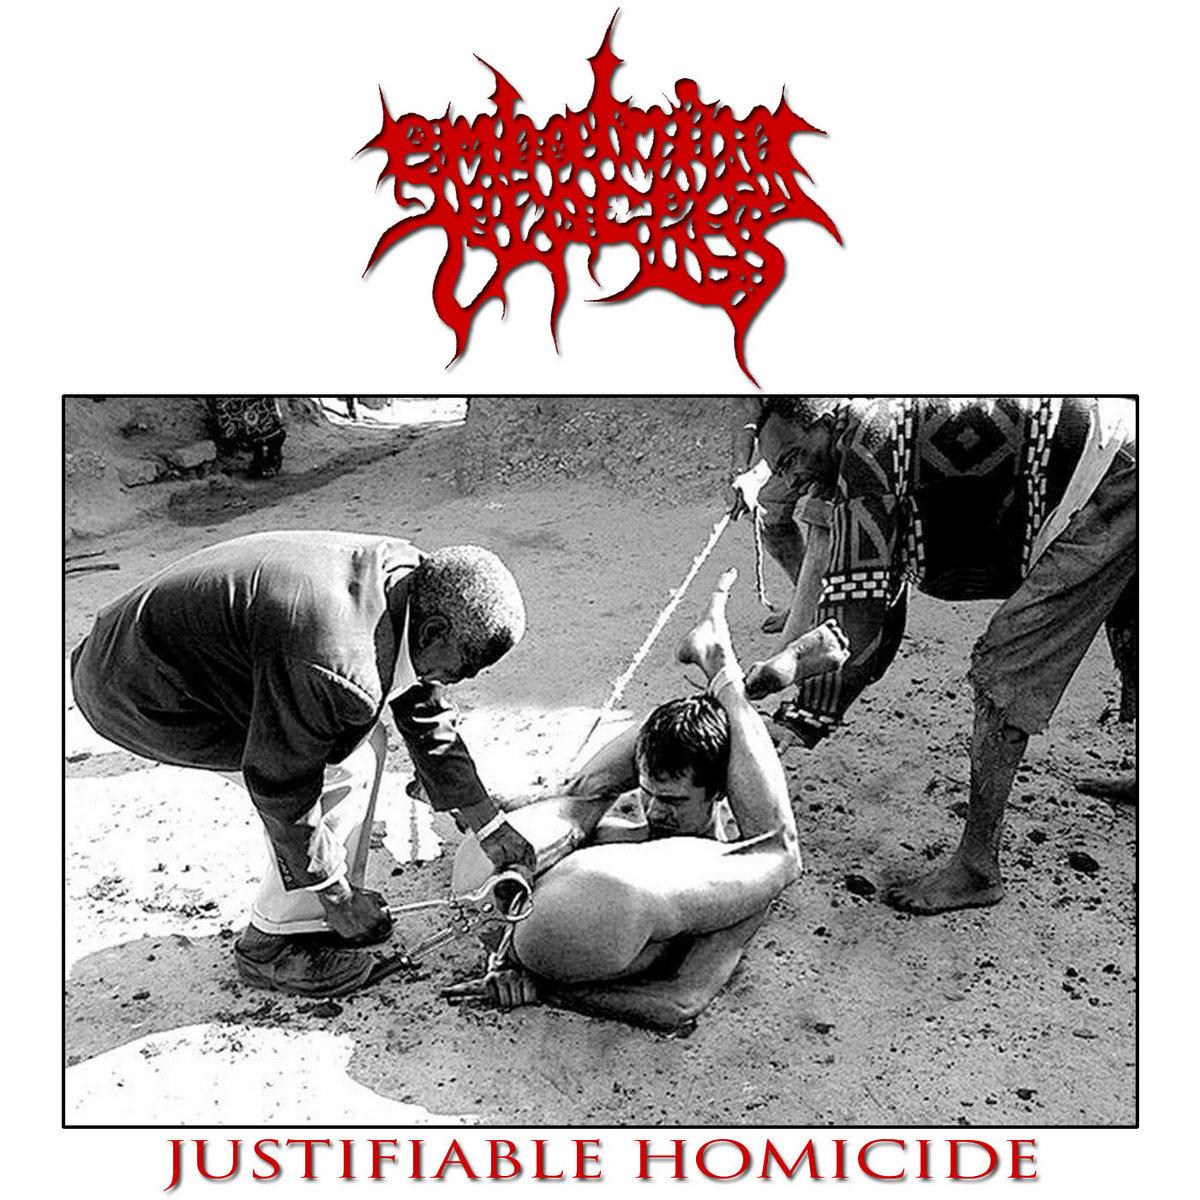 homicide - photo #50